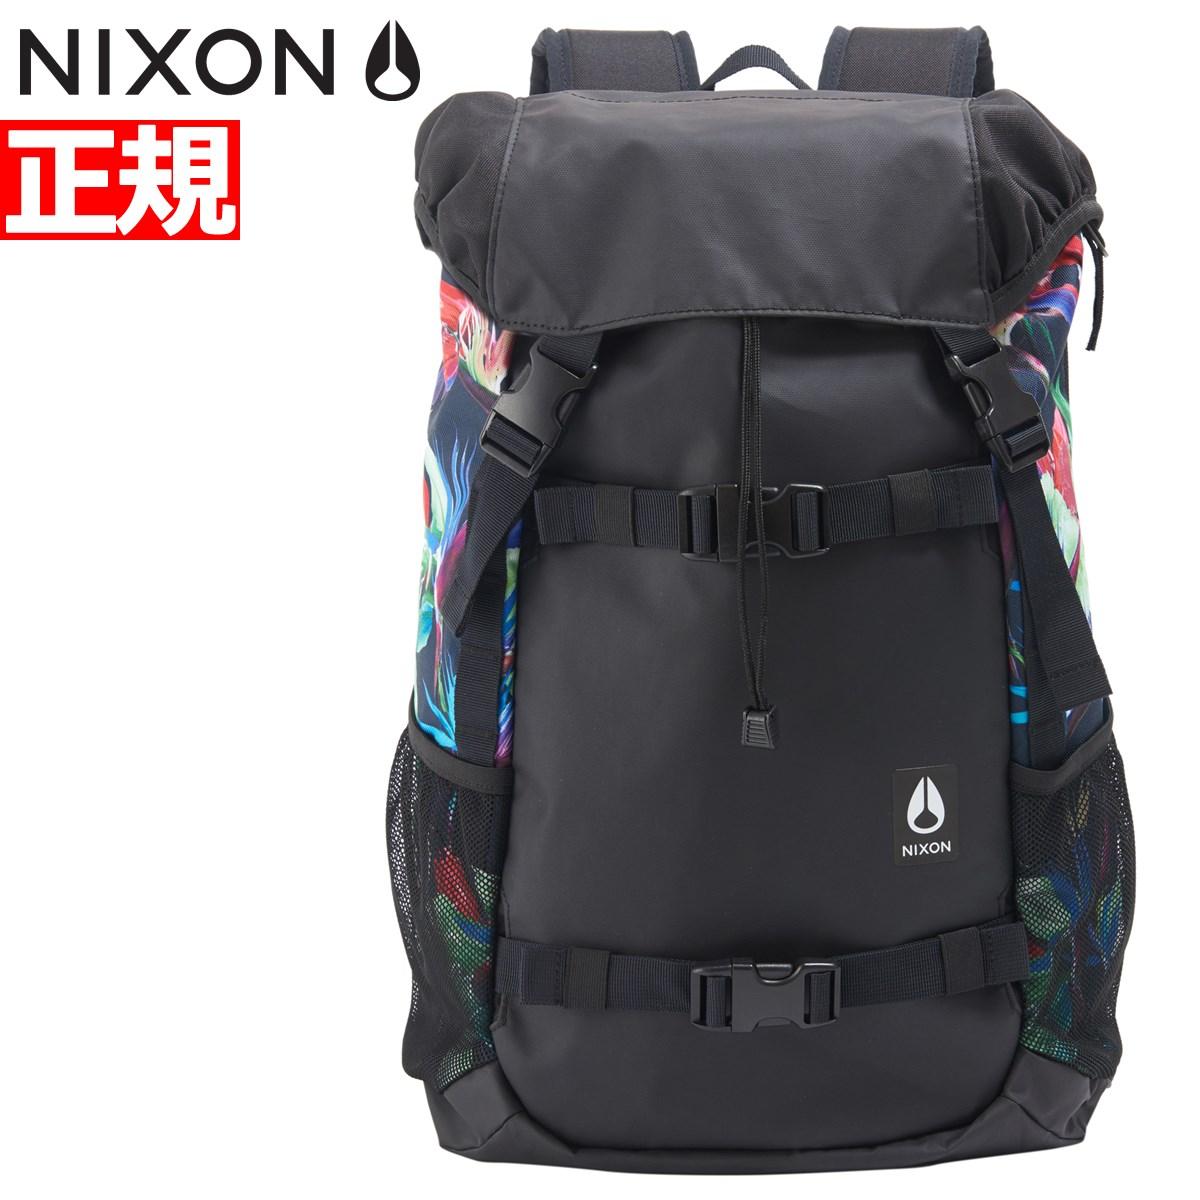 ニクソン NIXON リュック バックパック ランドロック3 LANDLOCK III BACKPACK BLACK/PARADICE 日本限定モデル NC28131633-00【2018 新作】